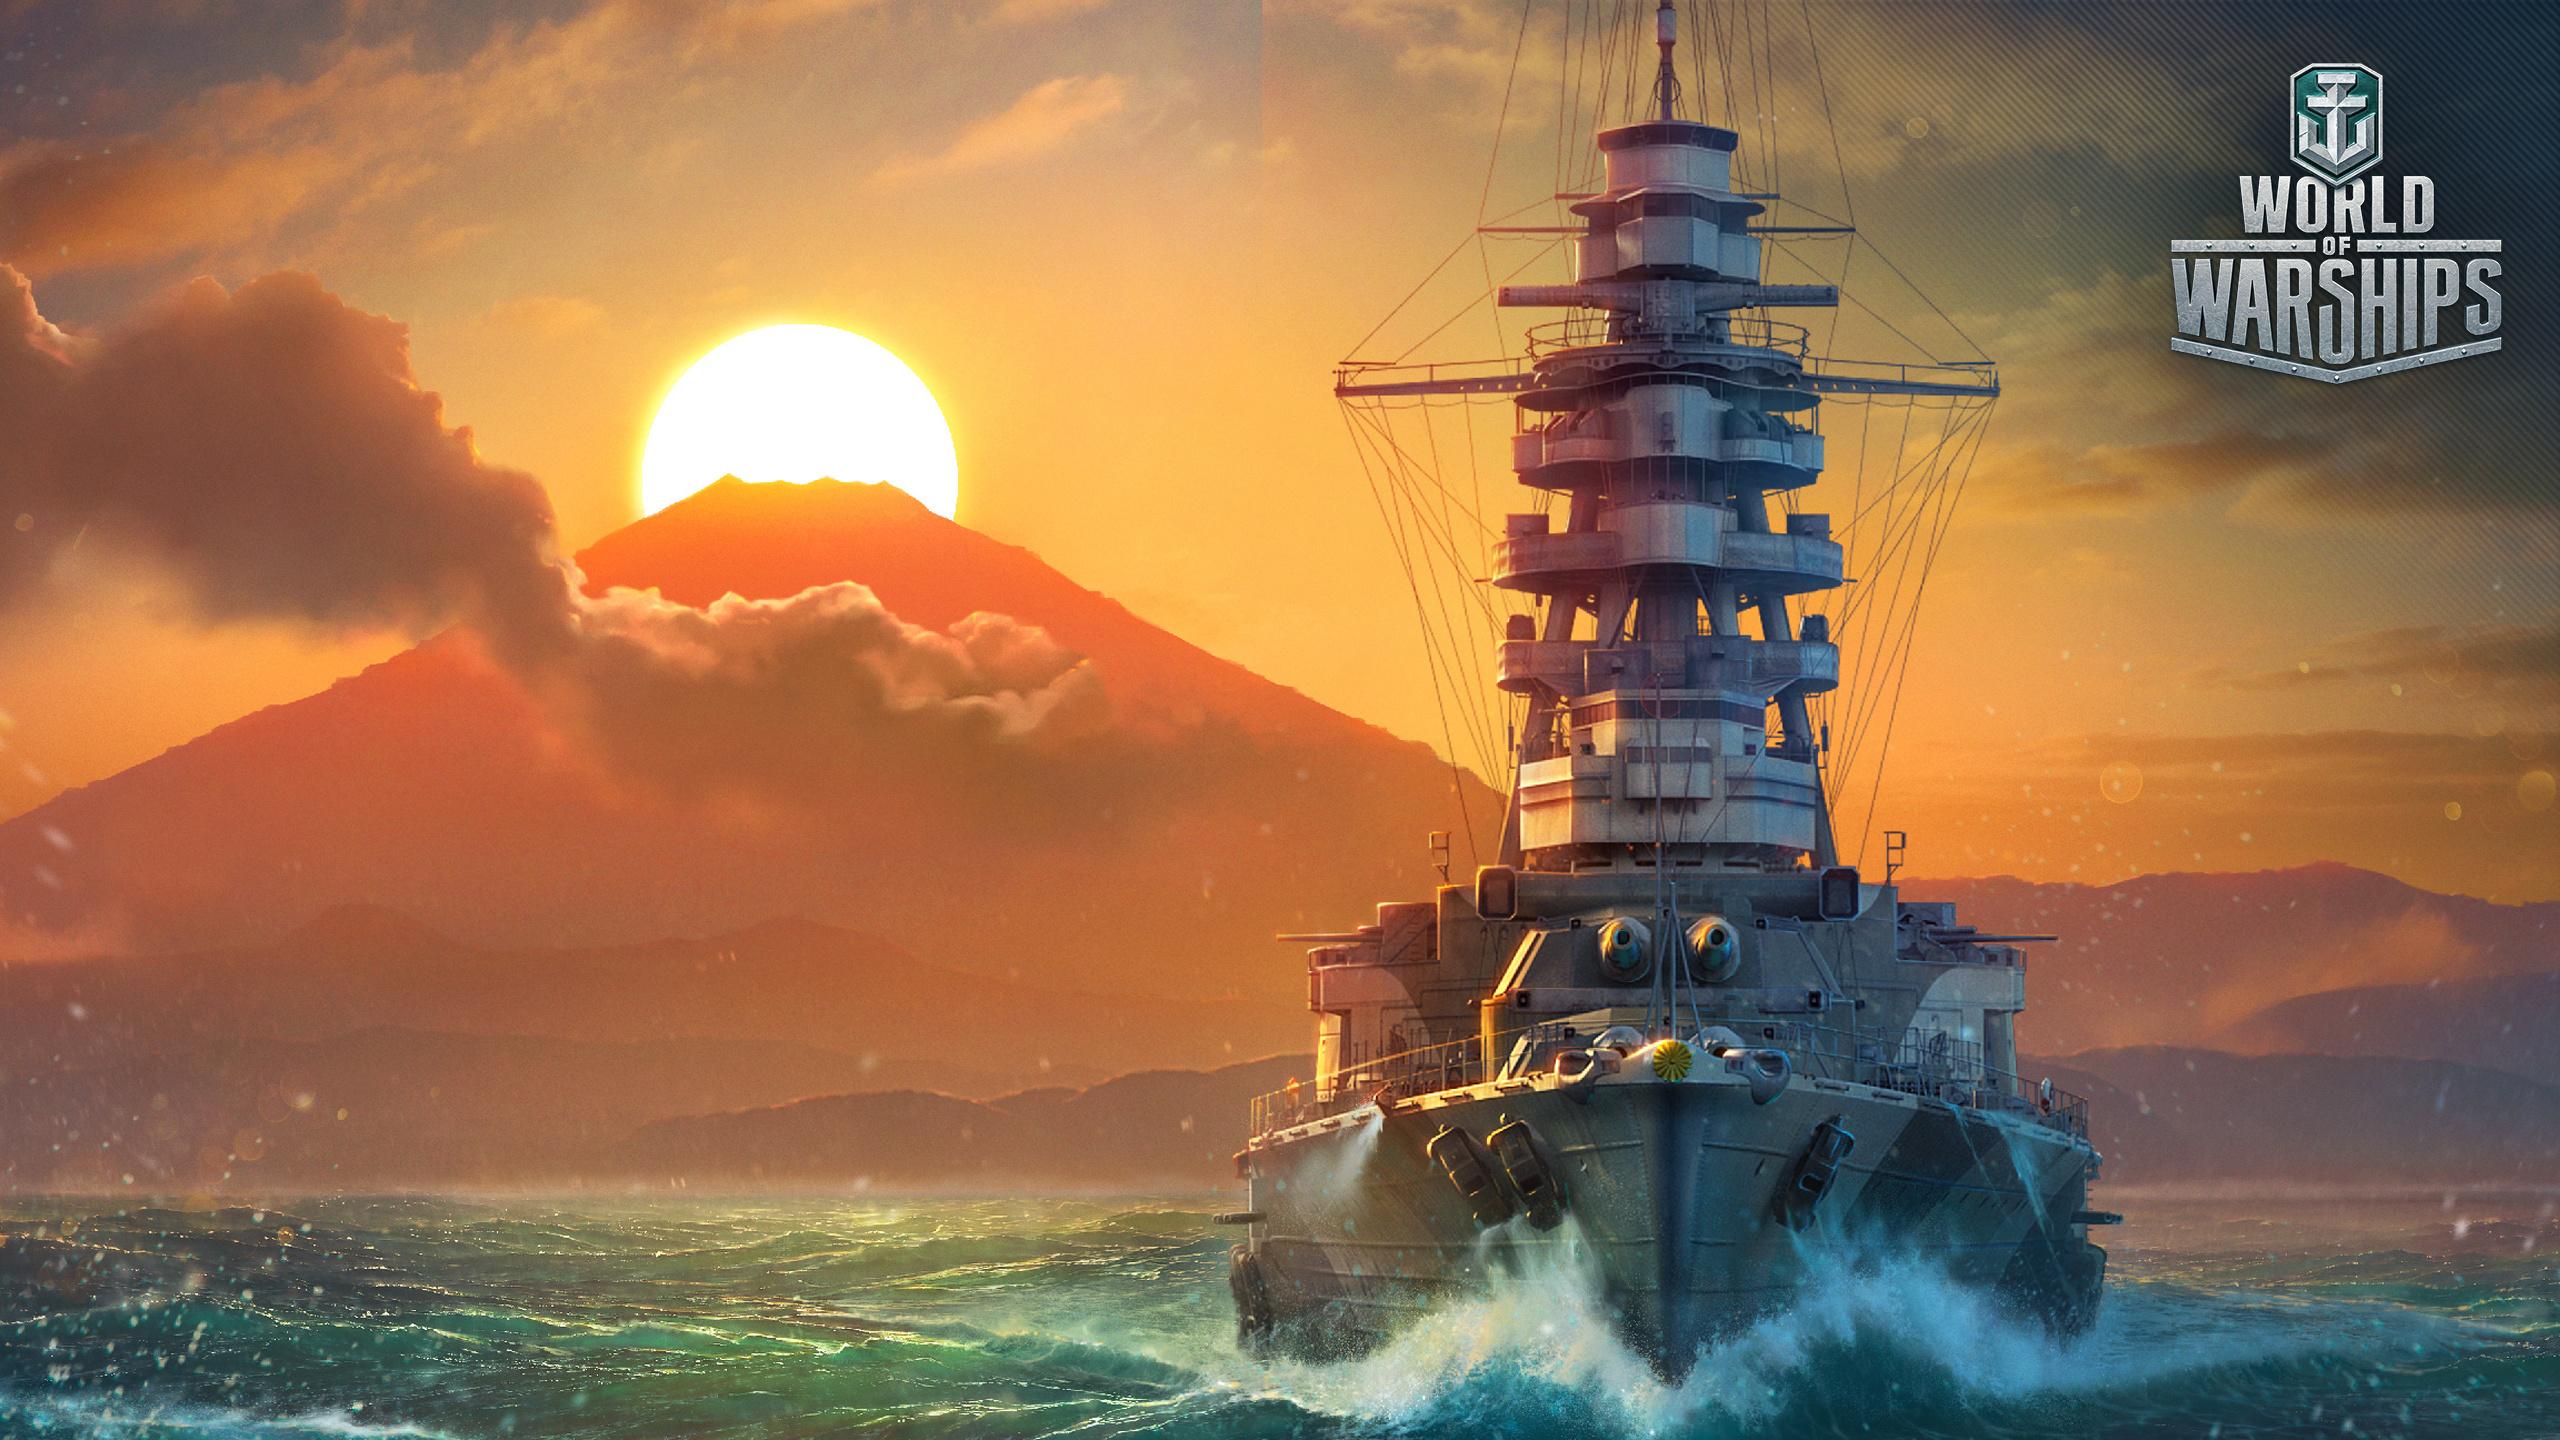 Fotos von World Of Warship Japanisch Mutsu Sonne Spiele Schiffe Sonnenaufgänge und Sonnenuntergänge Heer 2560x1440 japanische japanisches japanischer Militär